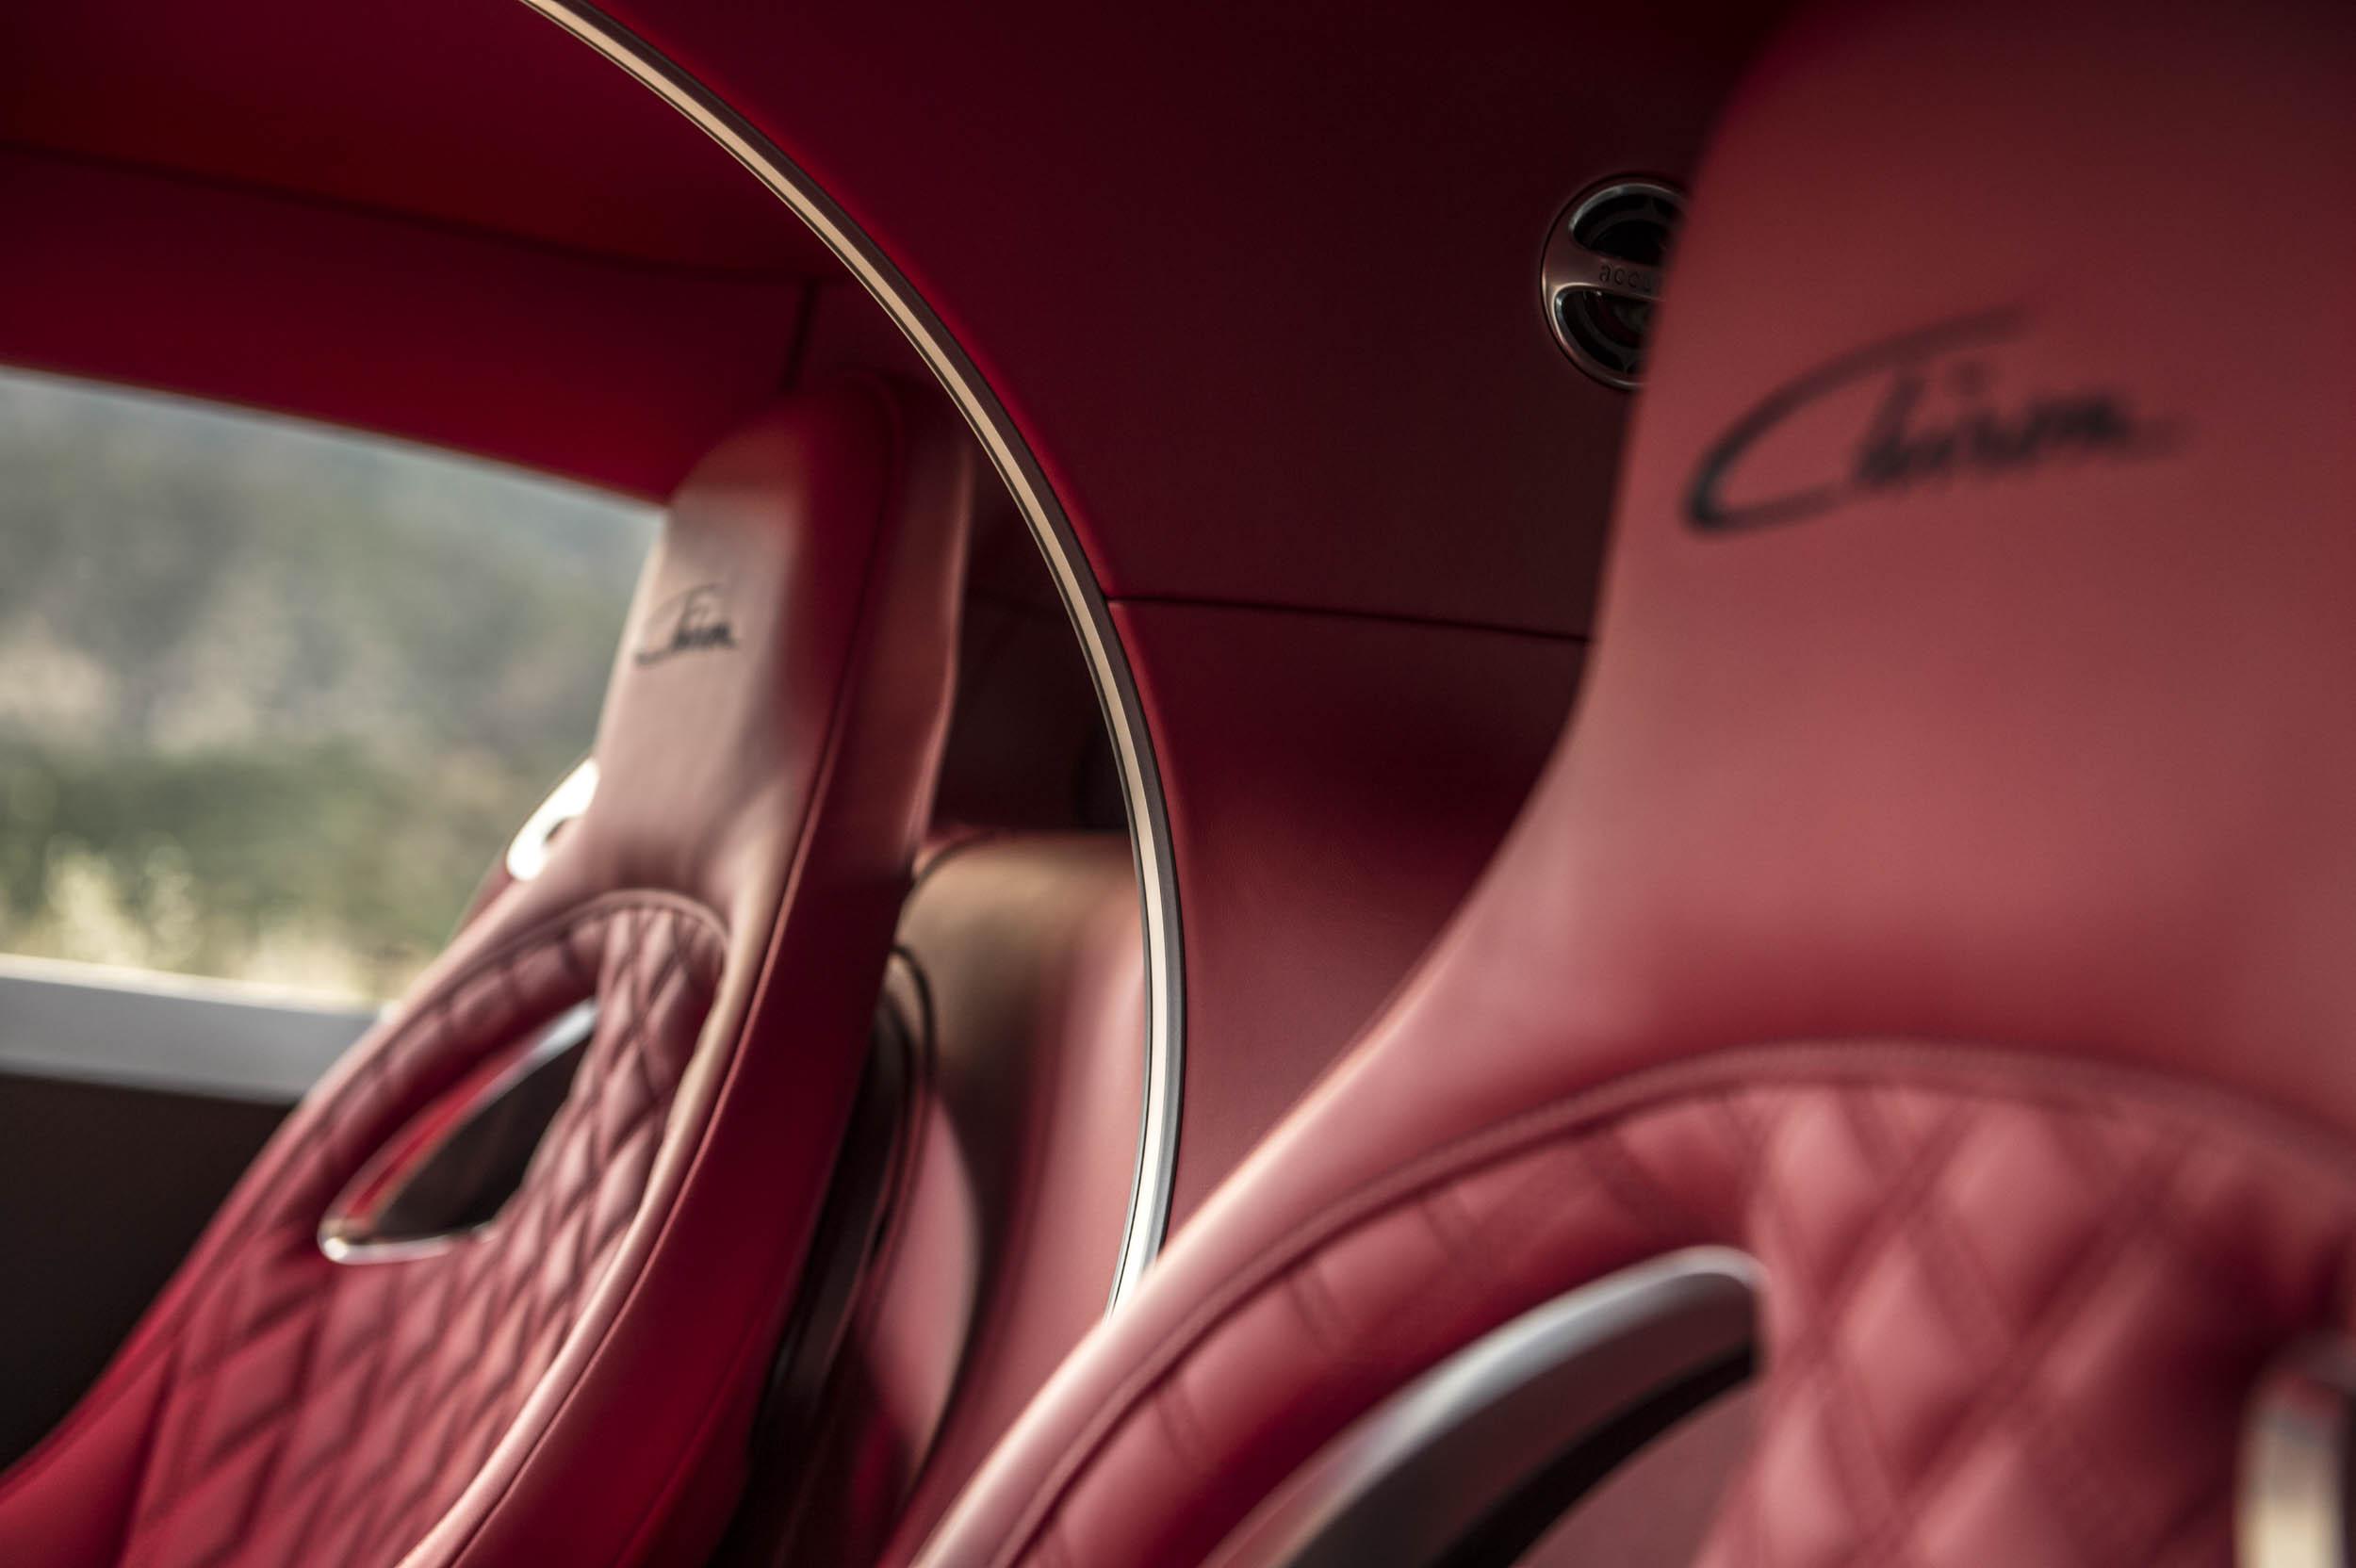 2018 Bugatti Chiron seat detail